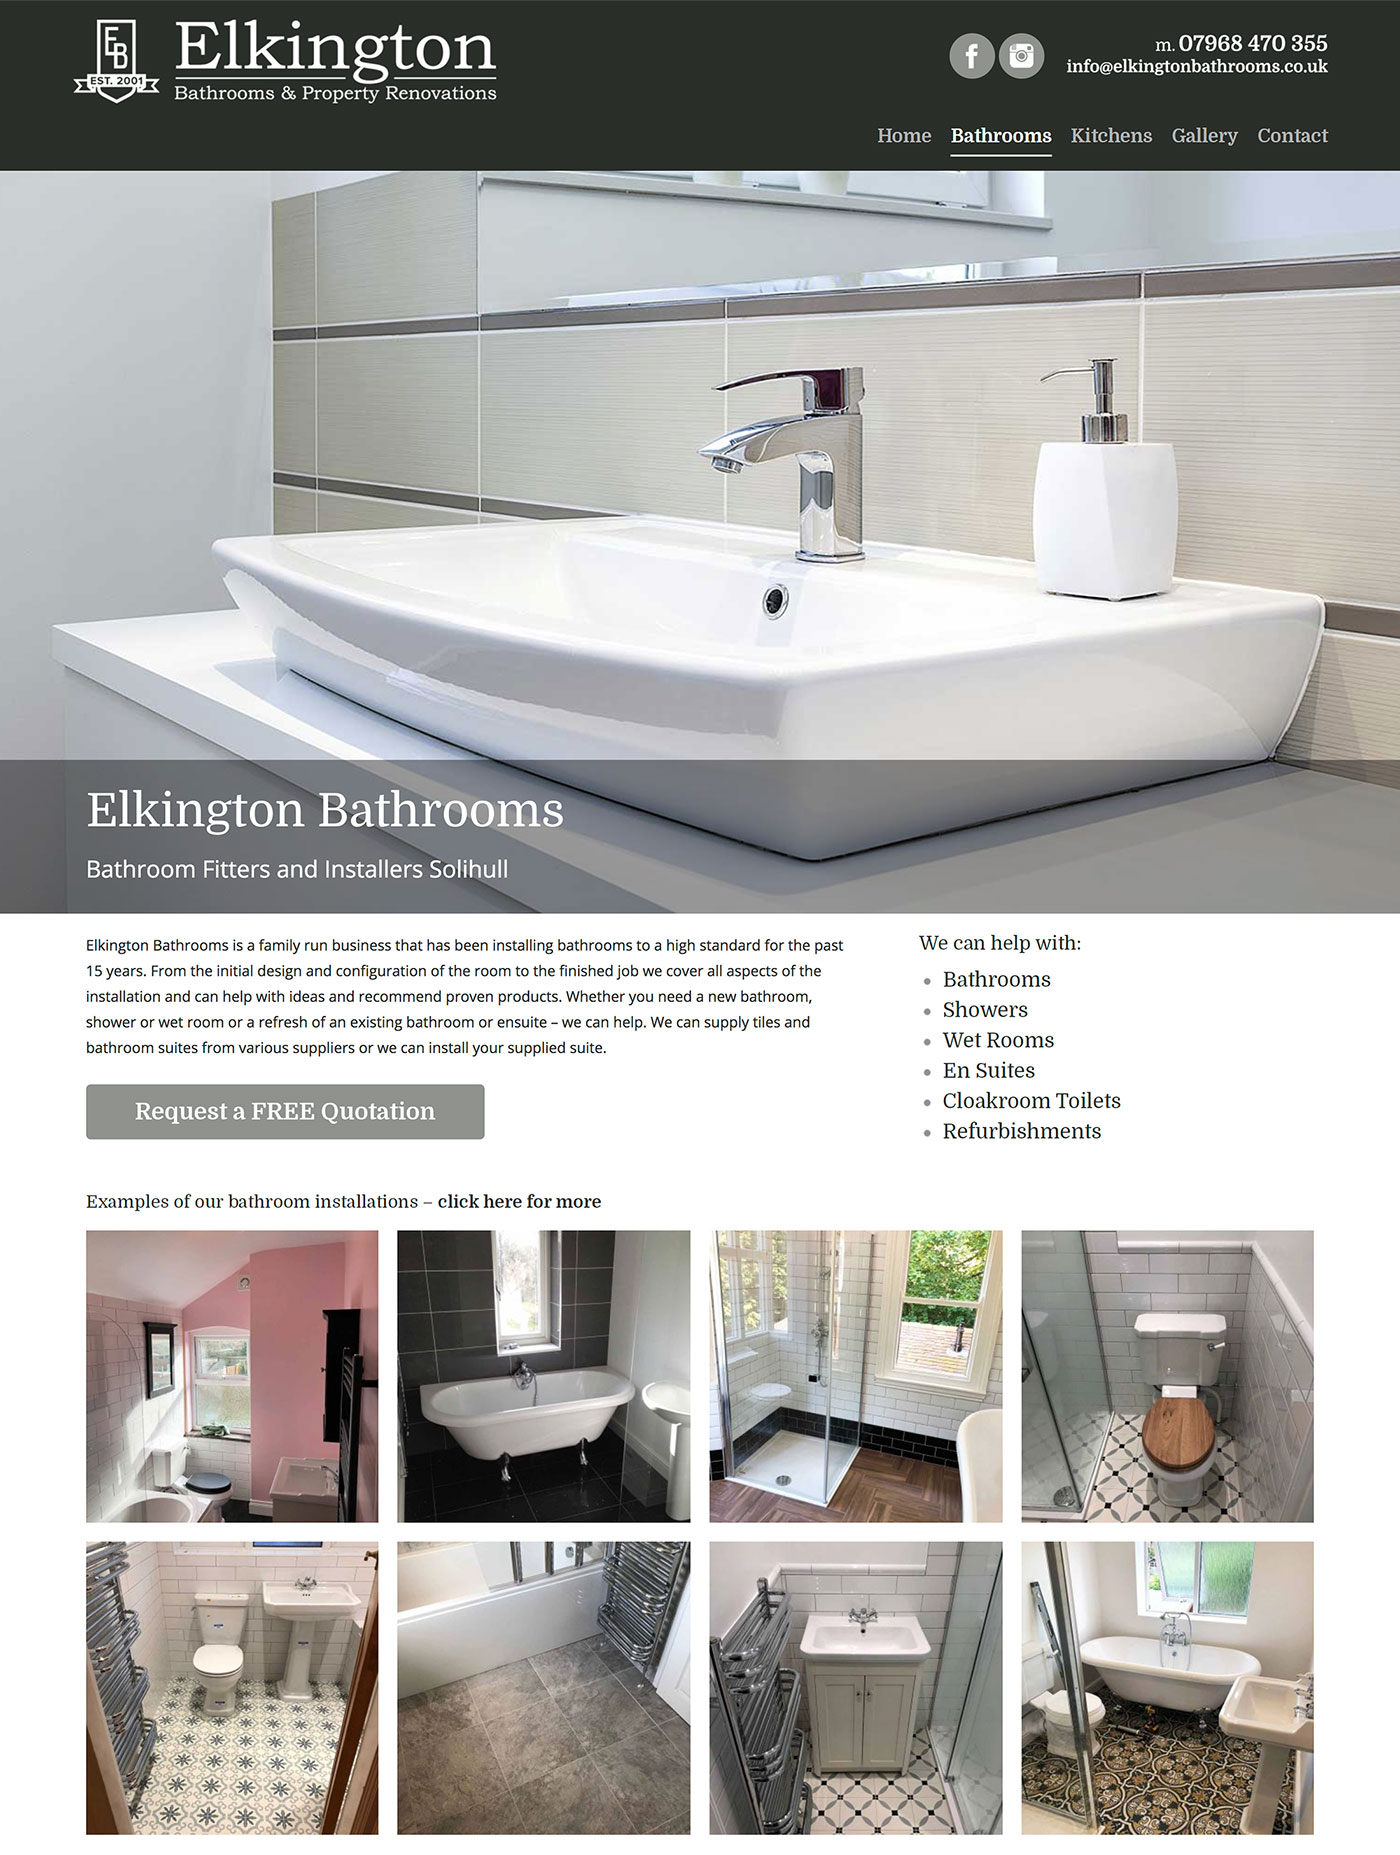 Elkington Bathrooms WordPress Website